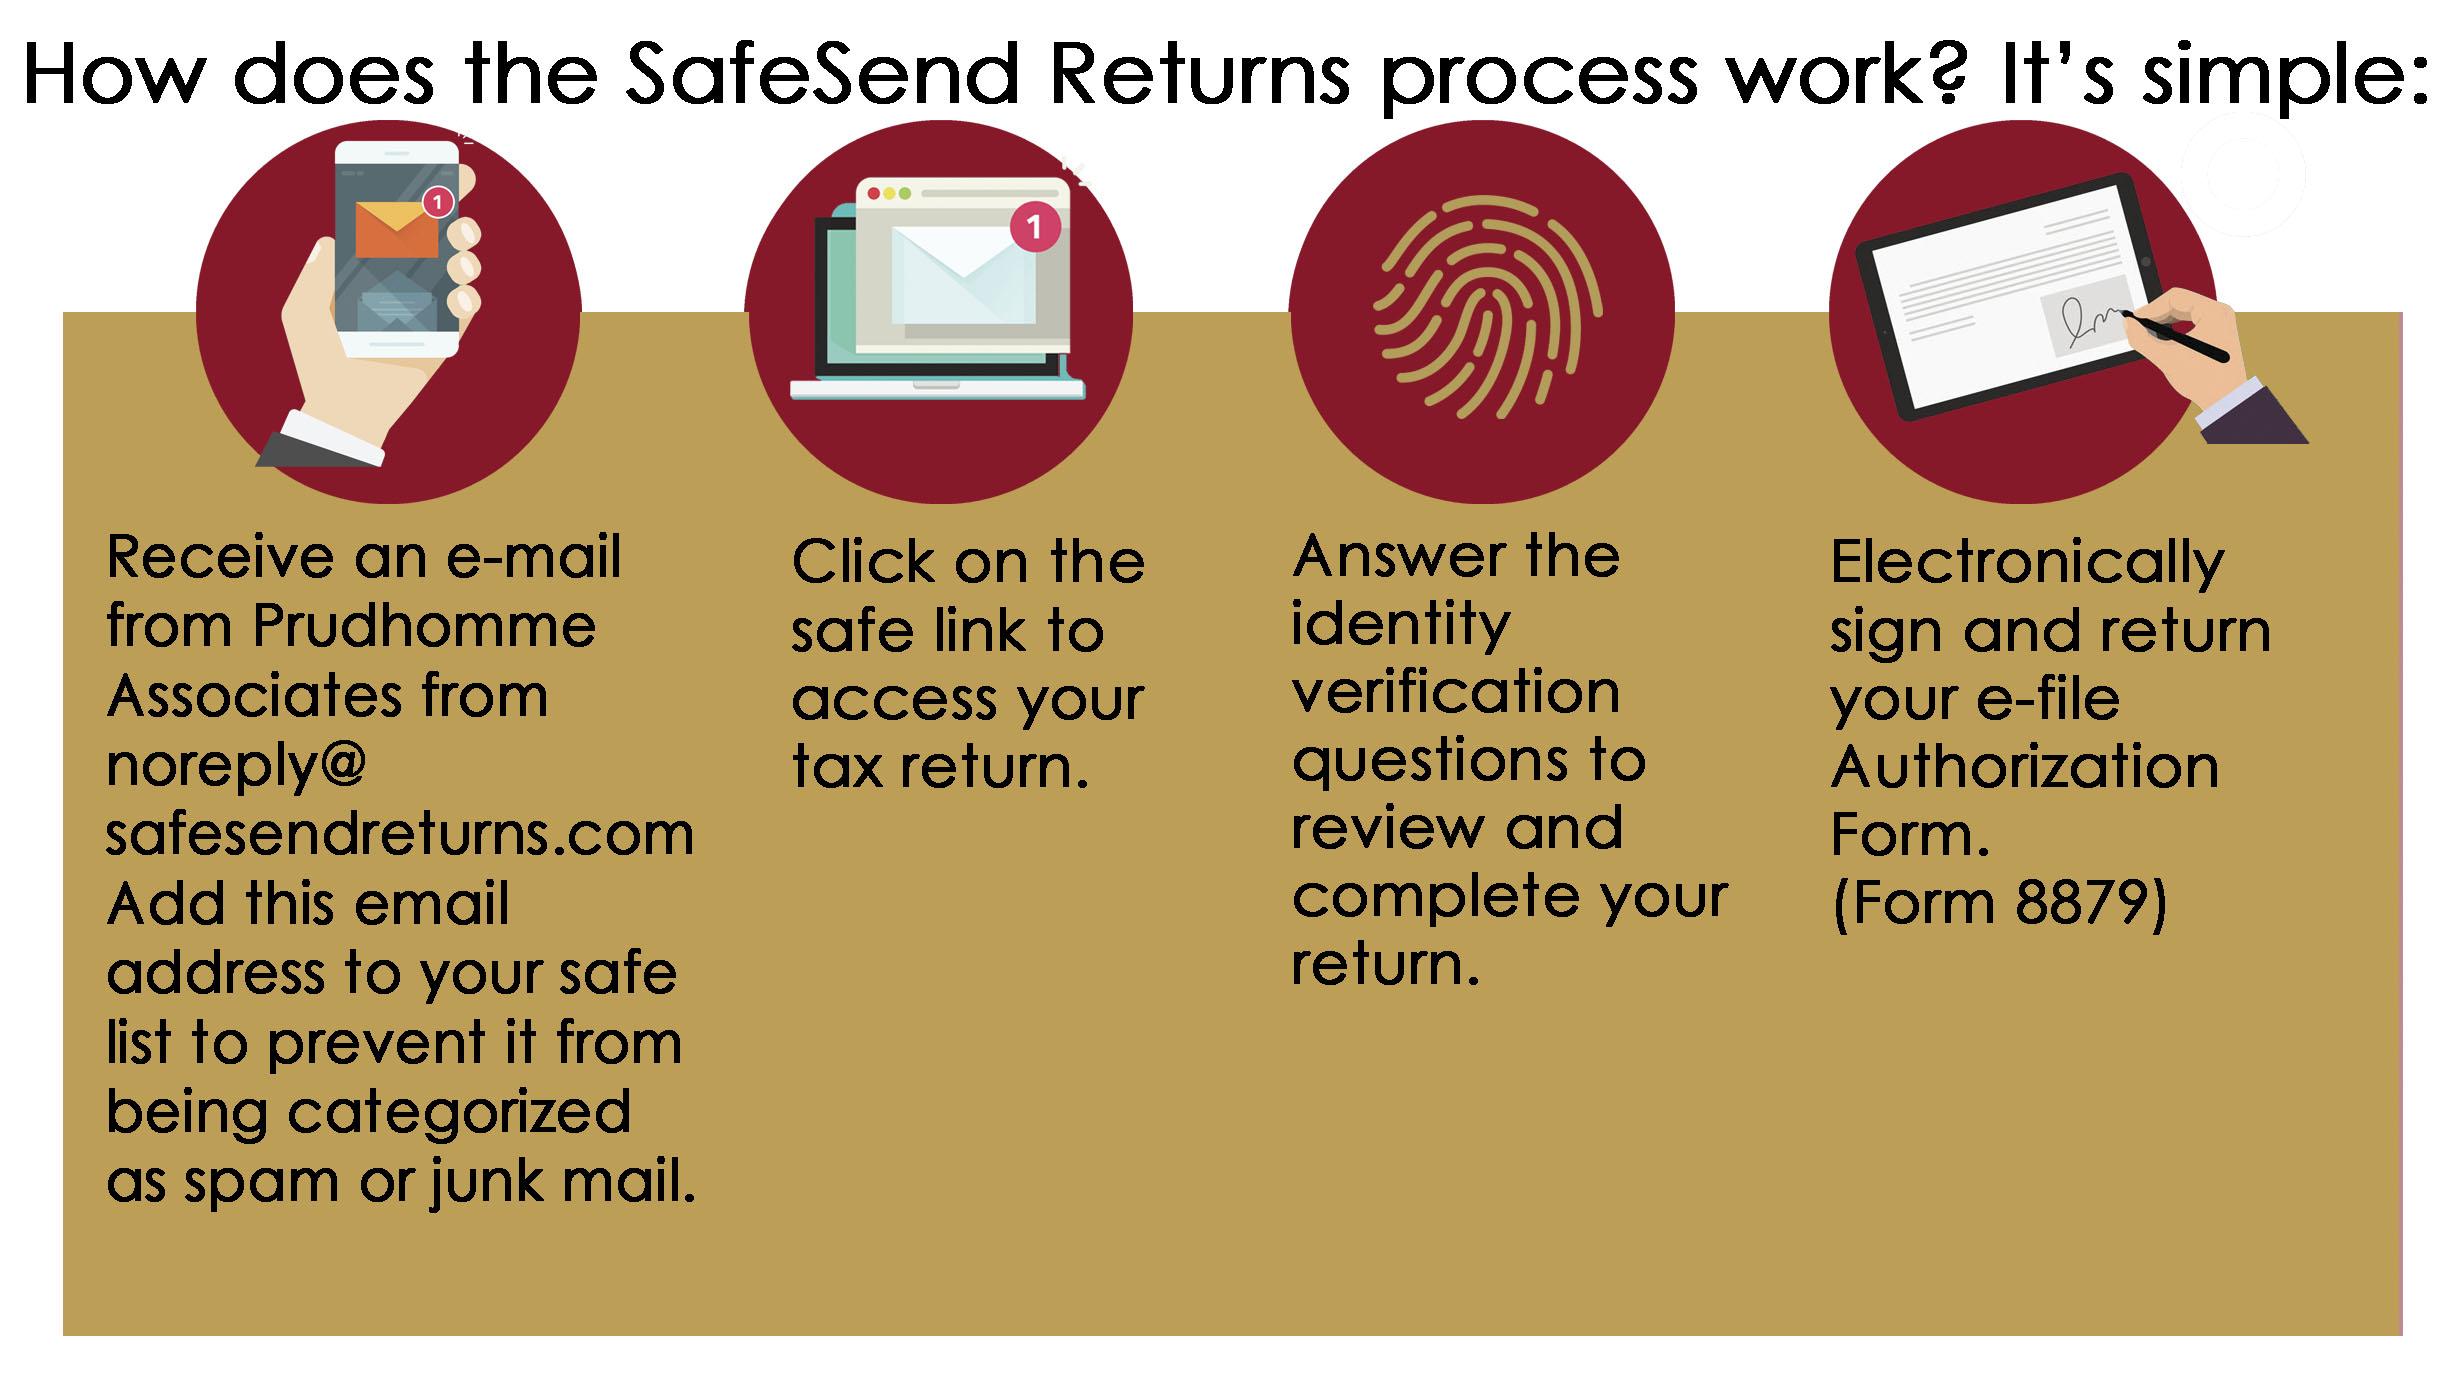 https://secure.emochila.com/swserve/siteAssets/site10521/files/safesend.jpg